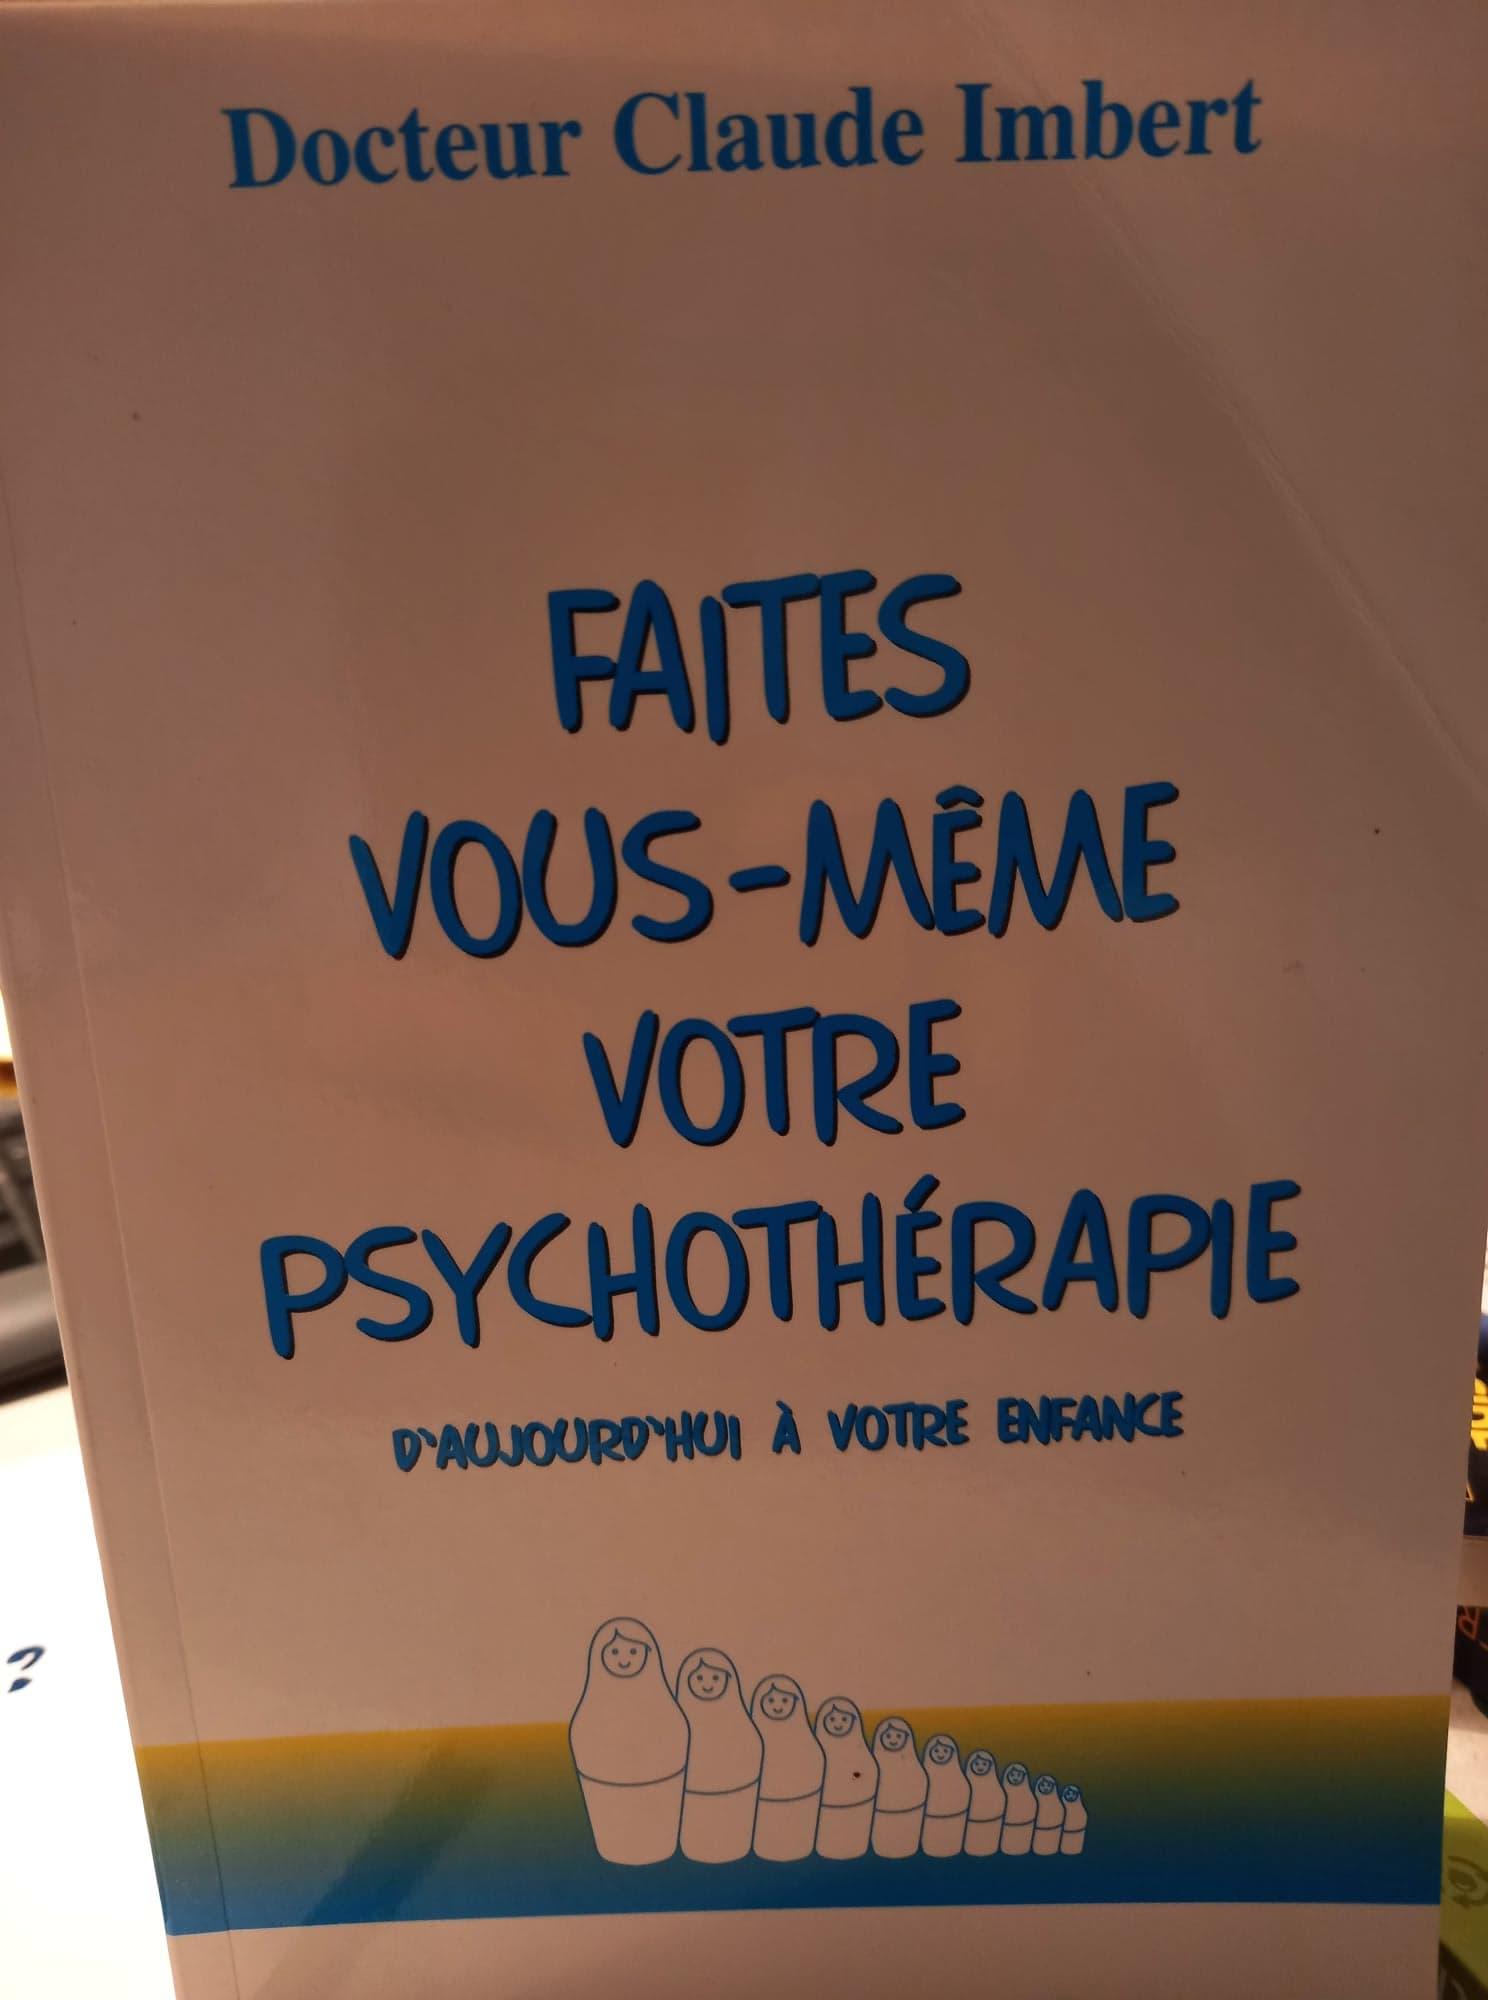 Faites-vous même votre psychothérapie